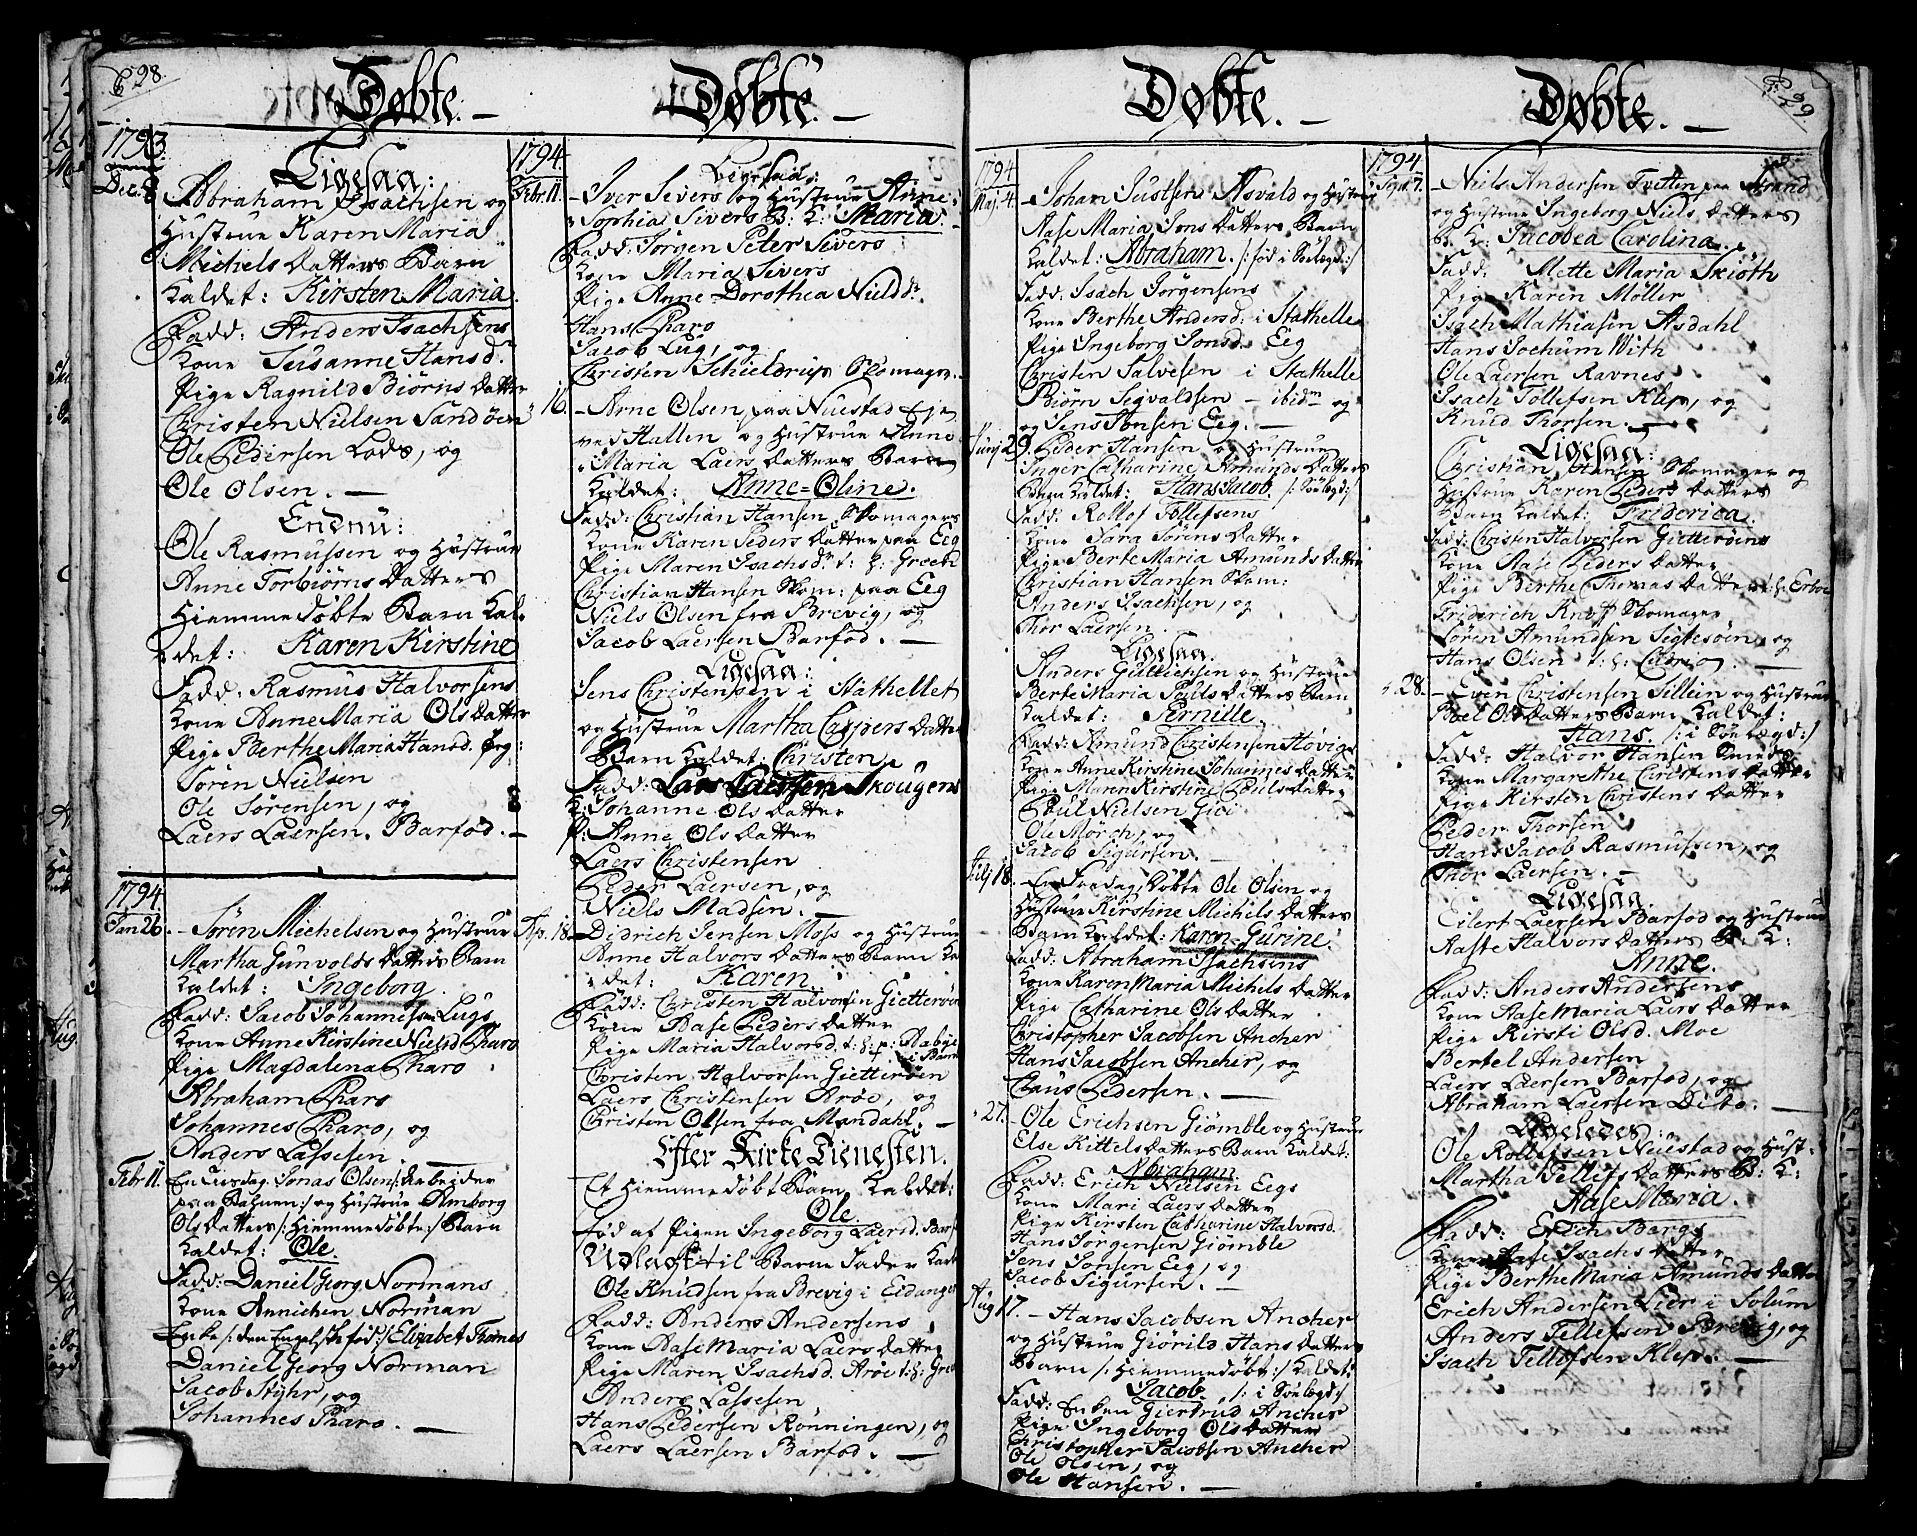 SAKO, Langesund kirkebøker, G/Ga/L0001: Klokkerbok nr. 1, 1783-1801, s. 28-29